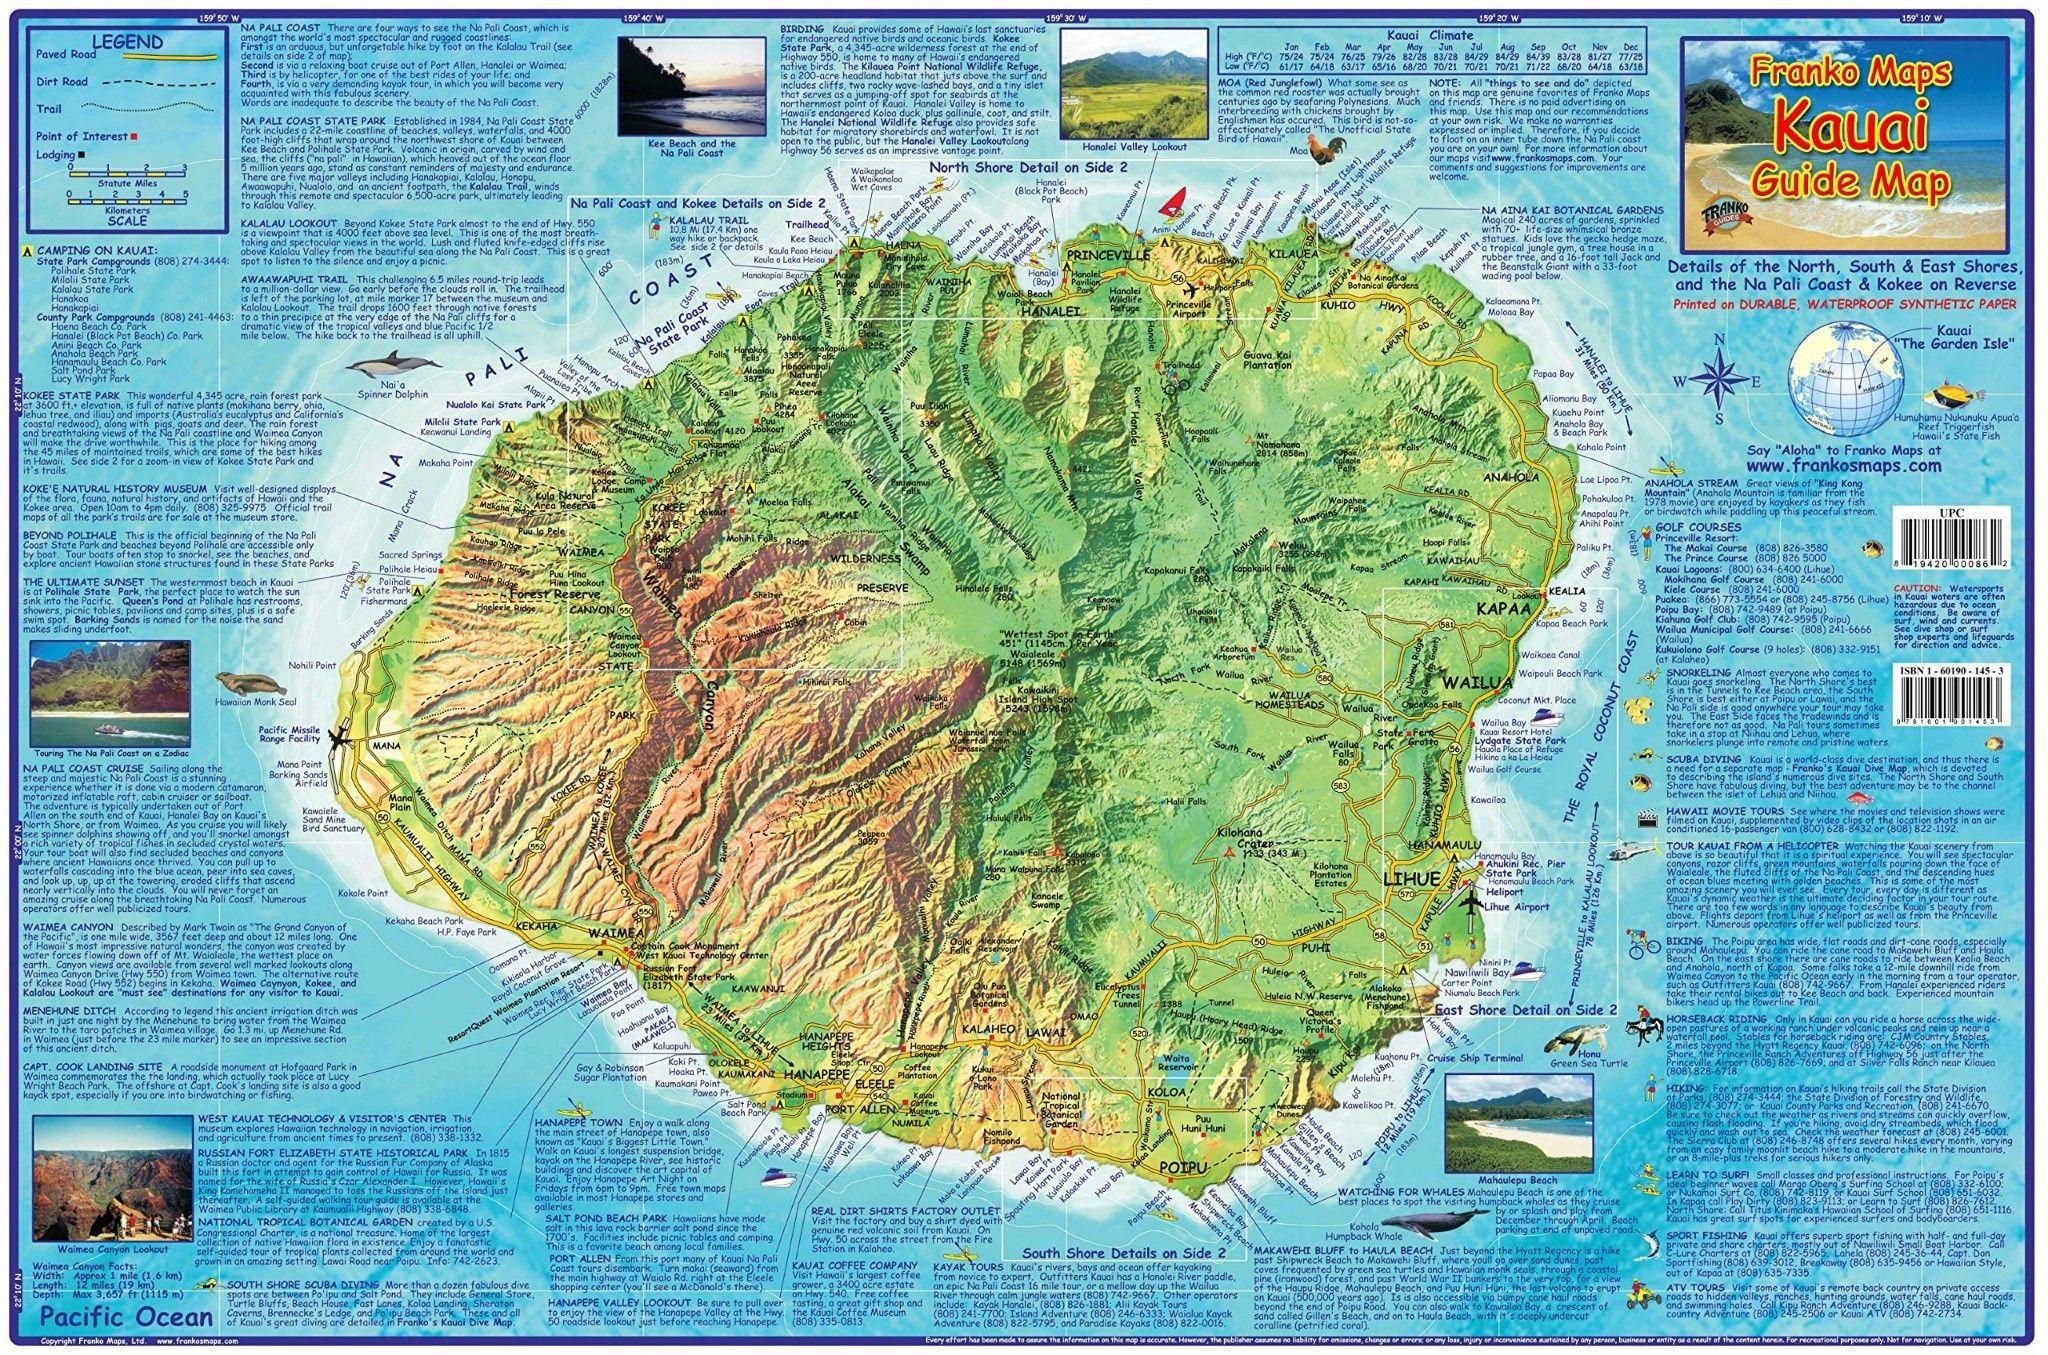 Pin by Clyde Brokaw on Hawaiian Islands in 2020 Hawaii